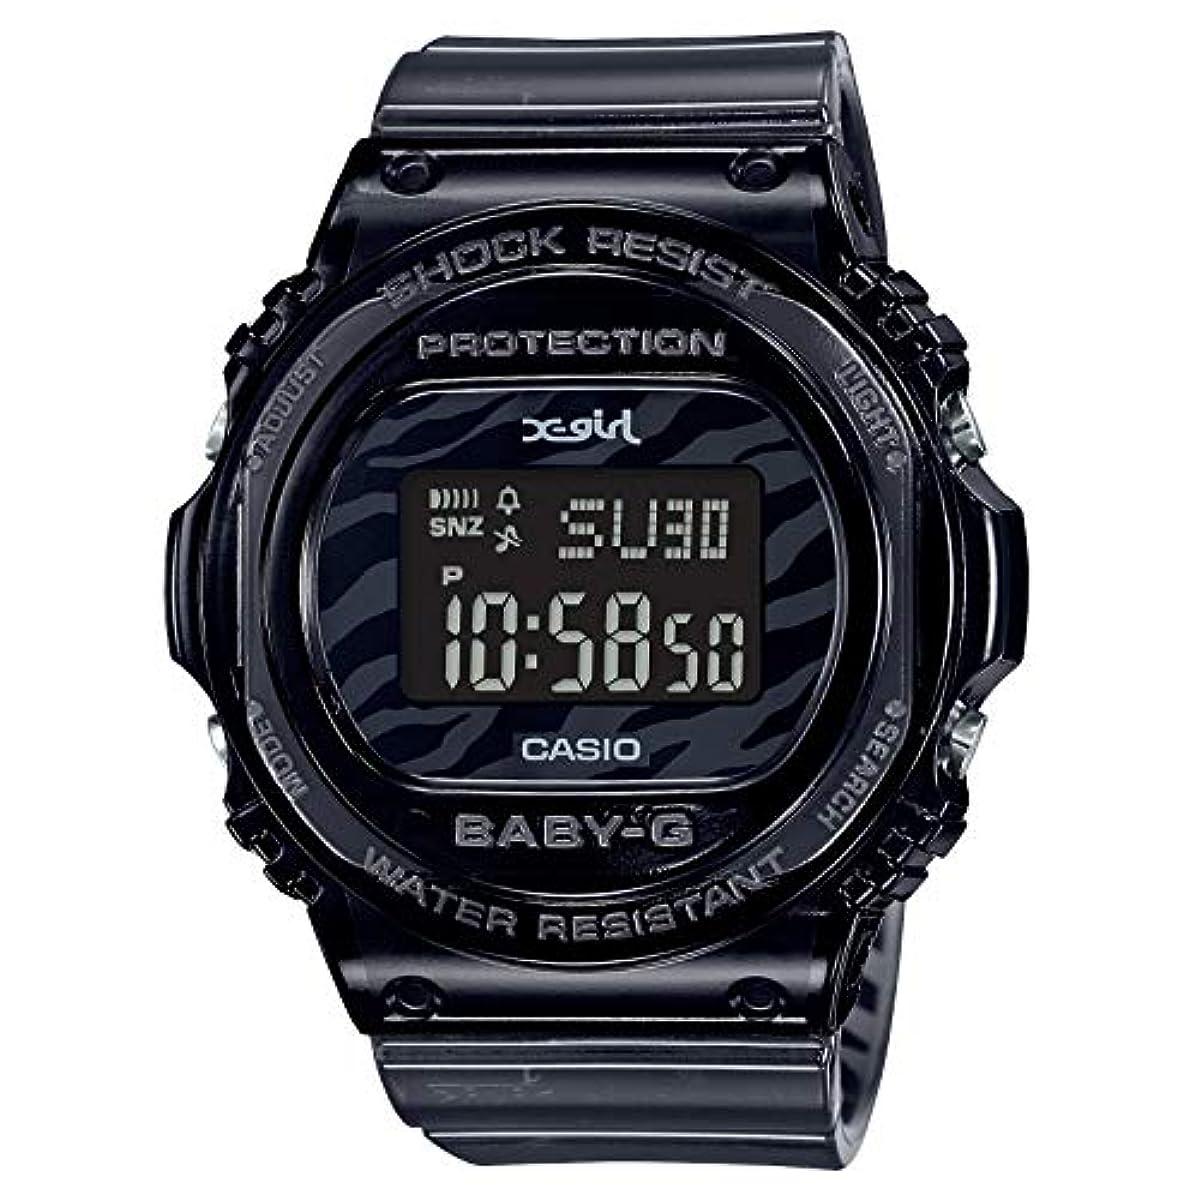 [해외] [카시오] 손목시계 BABY-G X-GIRL콜라보레이션 모델 BGD-570XG-8JR 레이디스